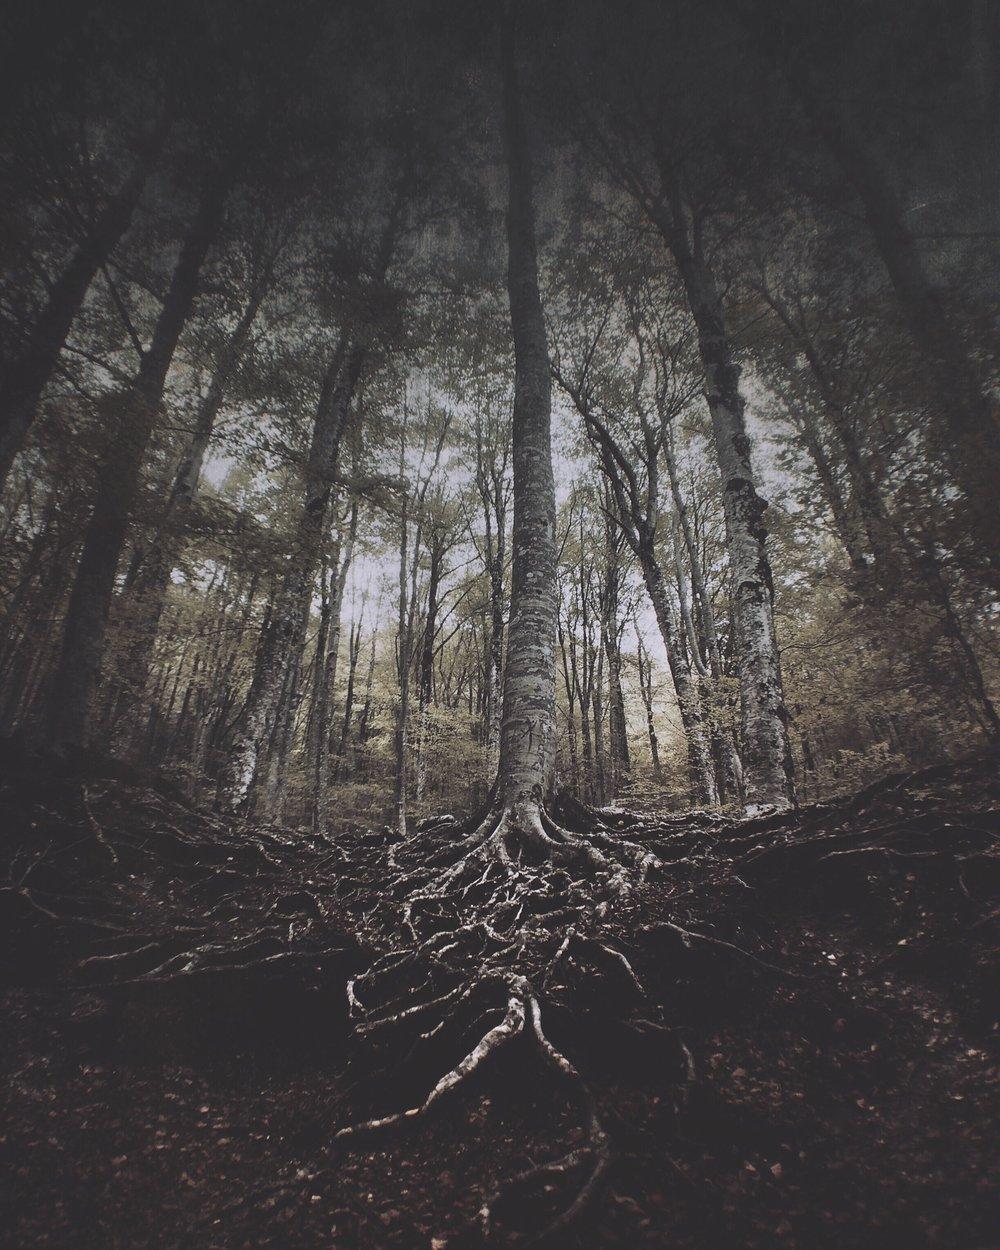 trees-IMG_2517.JPG